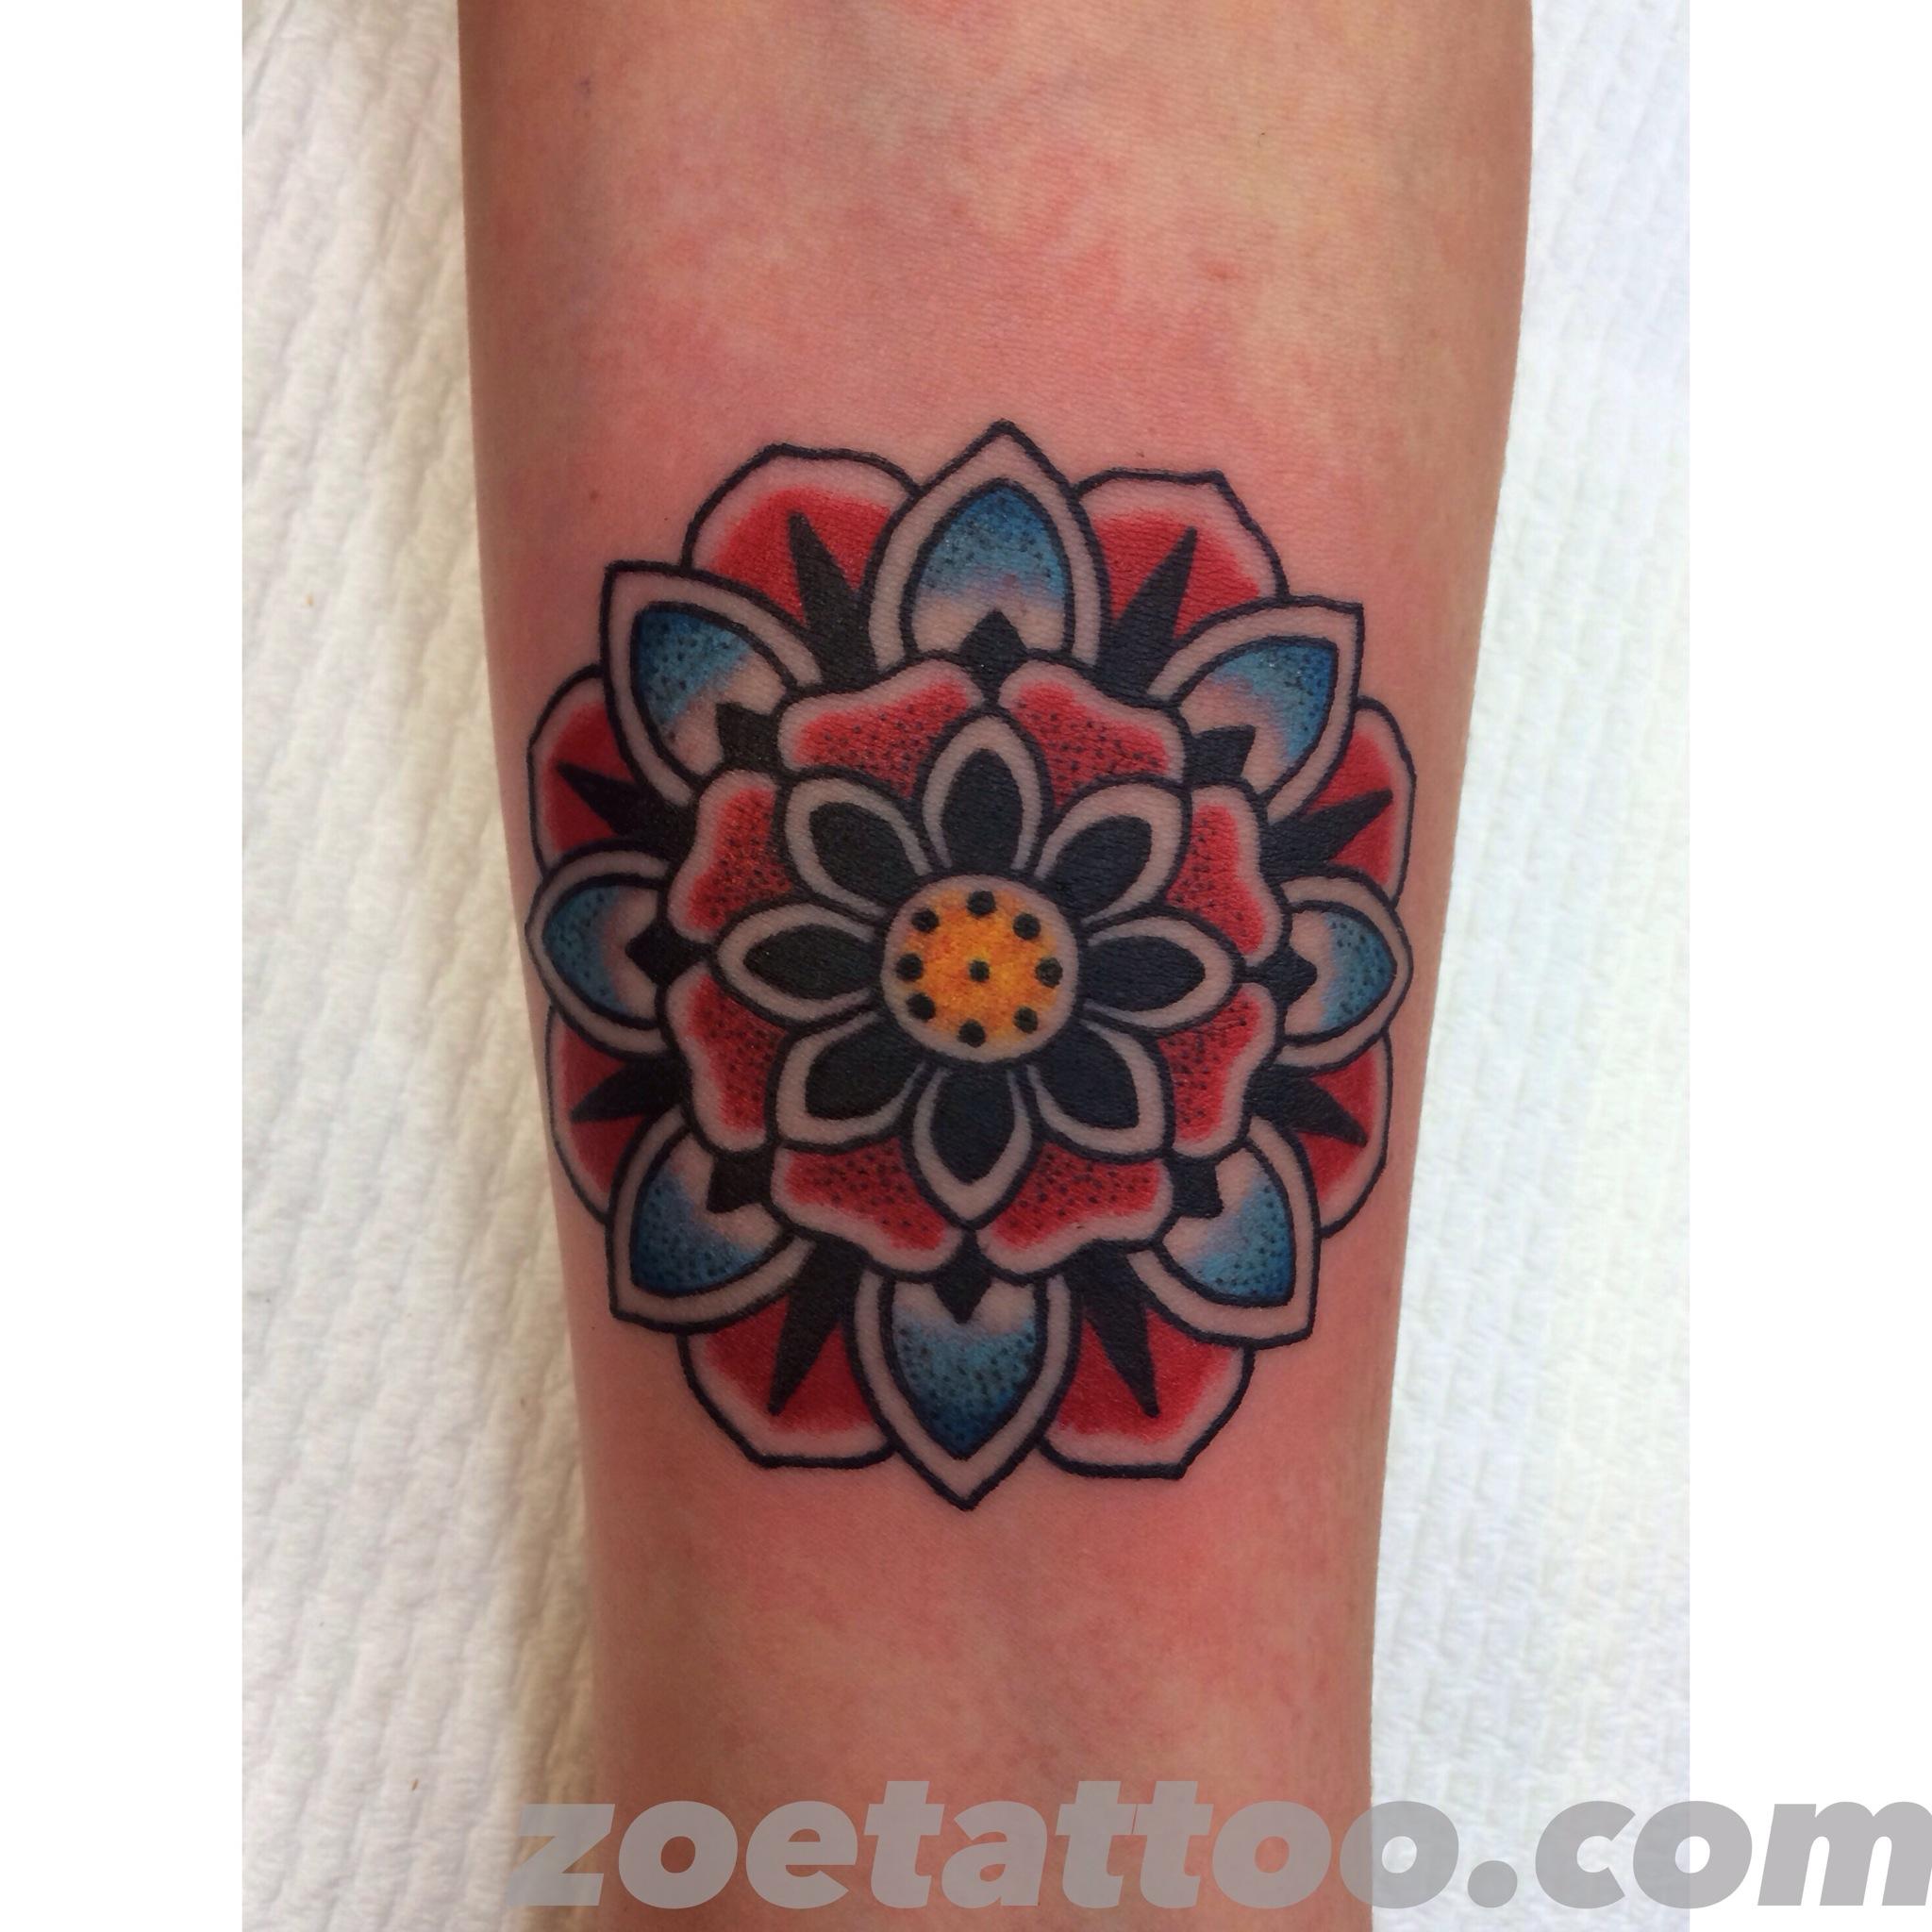 Melbourne Tattoo: Tattooer. Melbourne. Australia